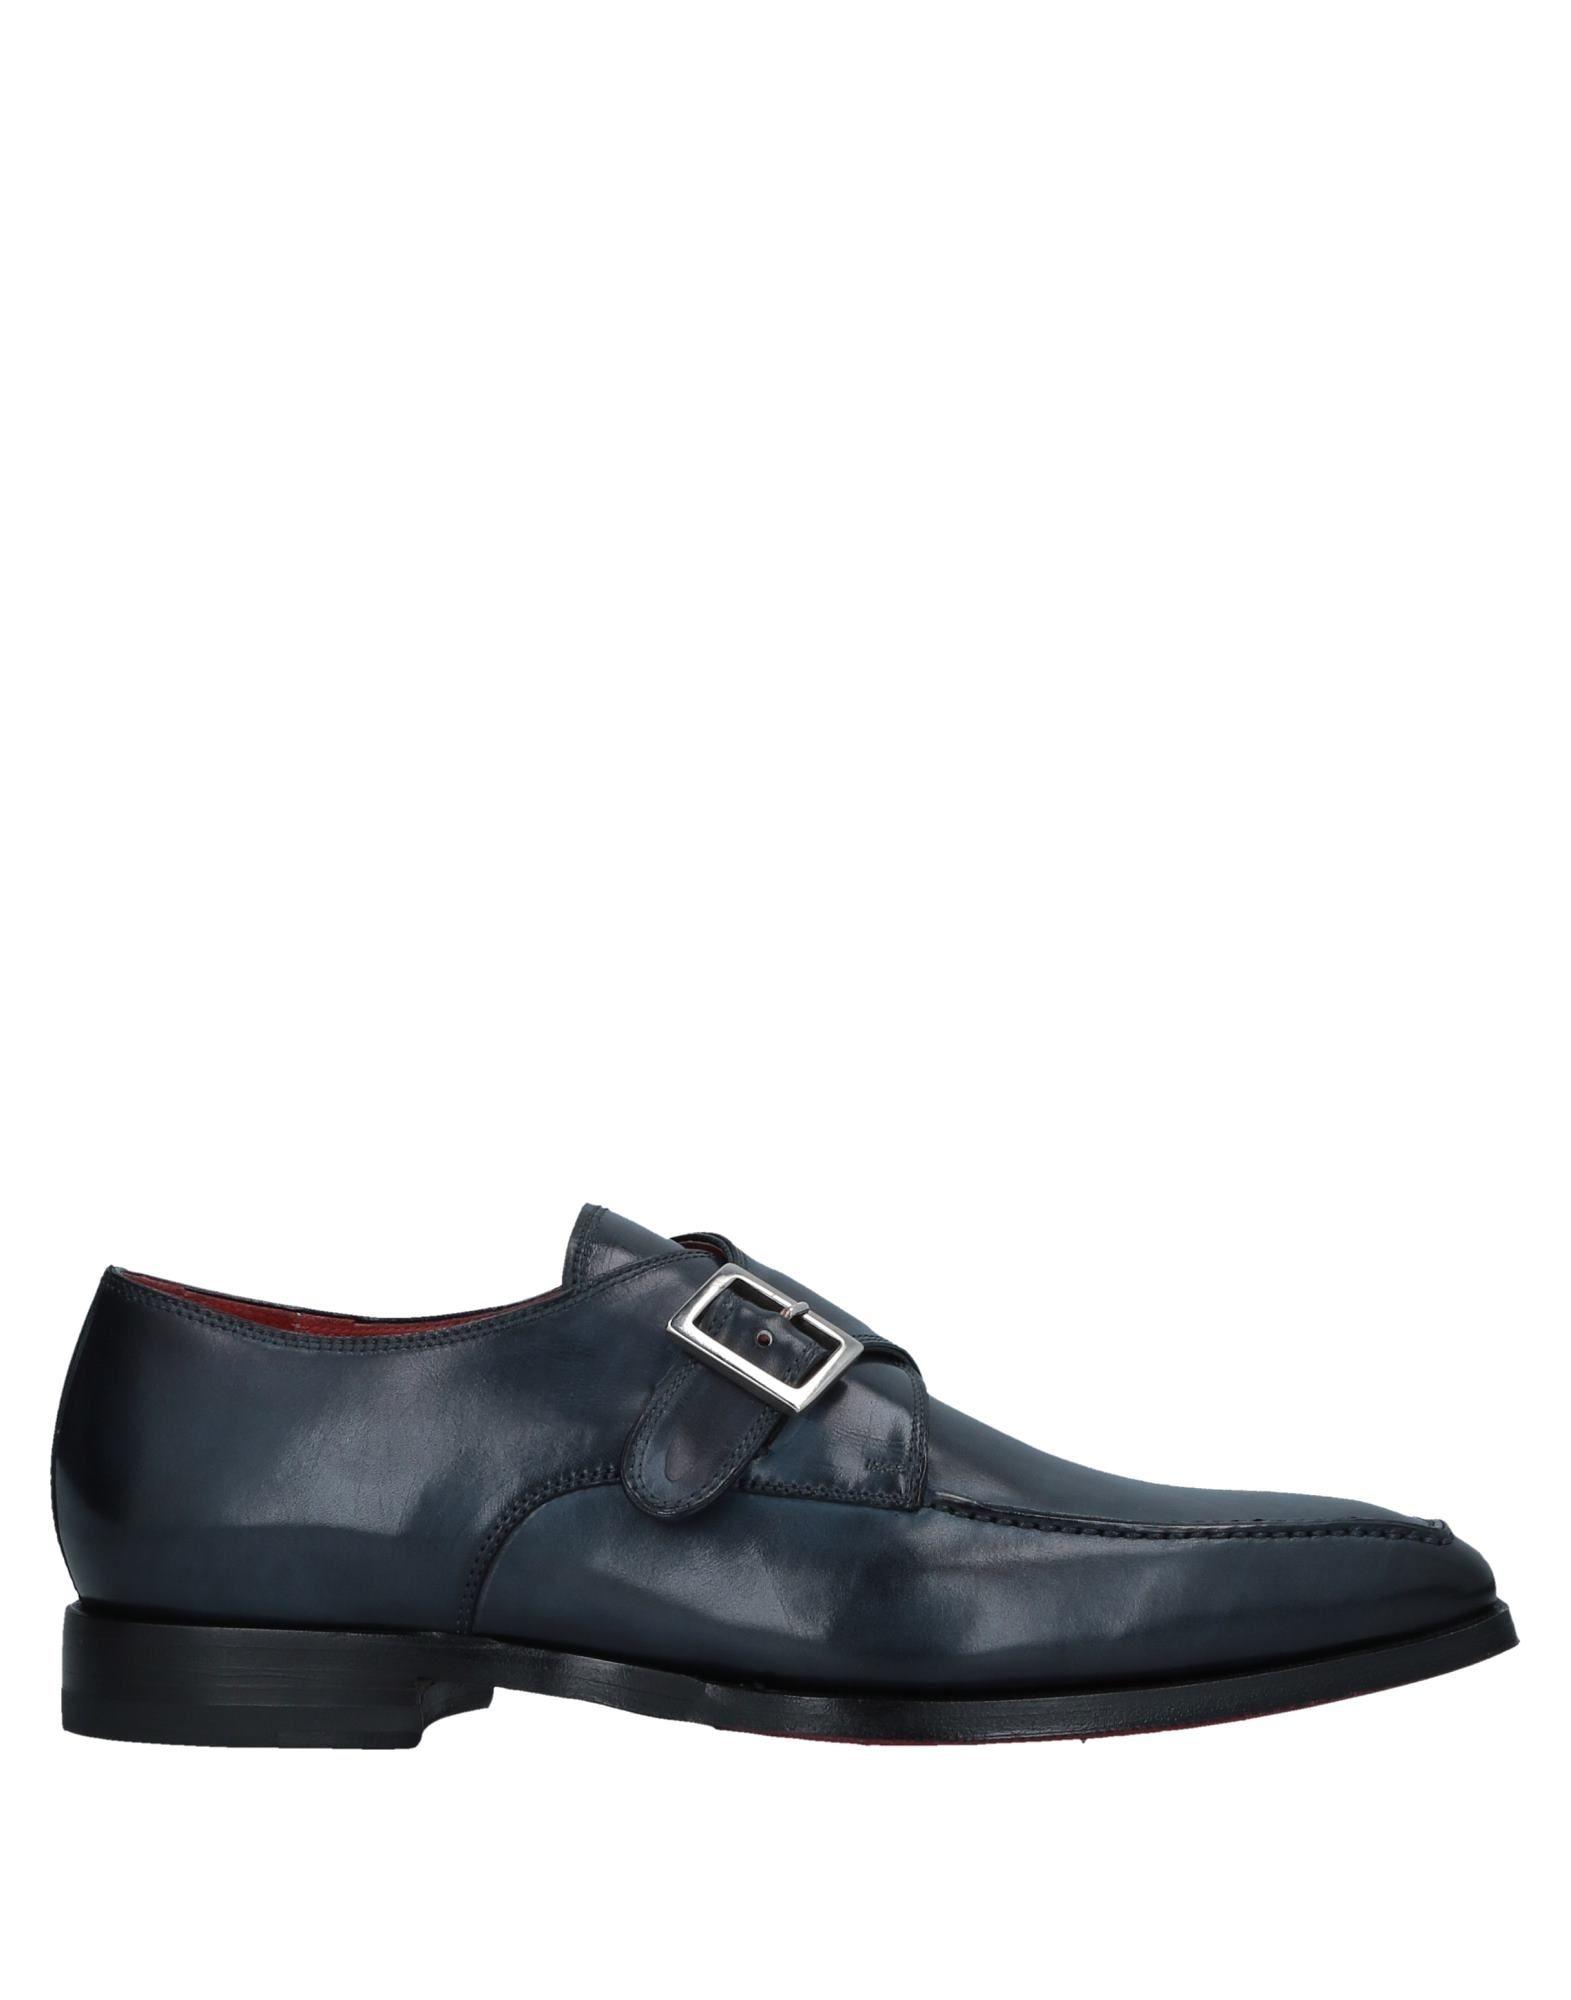 Andrea Ventura Firenze Mokassins Herren  11529127DM Gute Qualität beliebte Schuhe